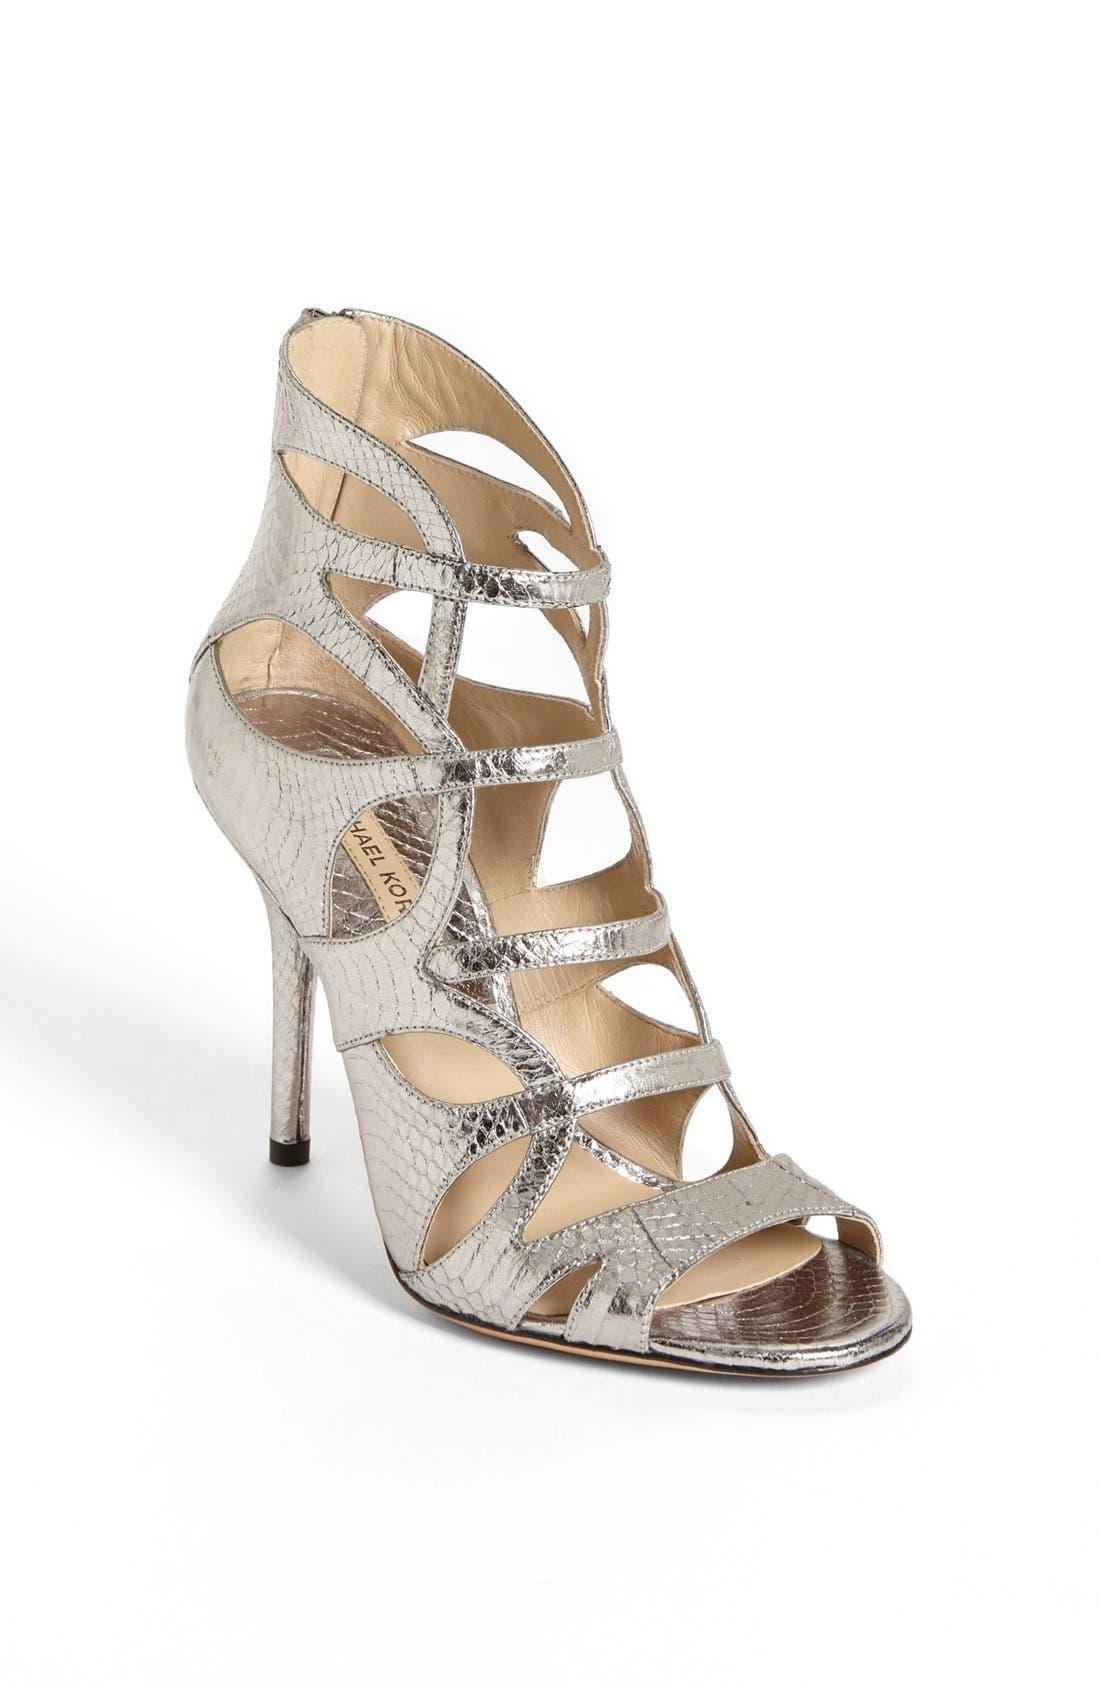 Alternate Image 1 Selected - Michael Kors 'Casey' Genuine Snakeskin Sandal